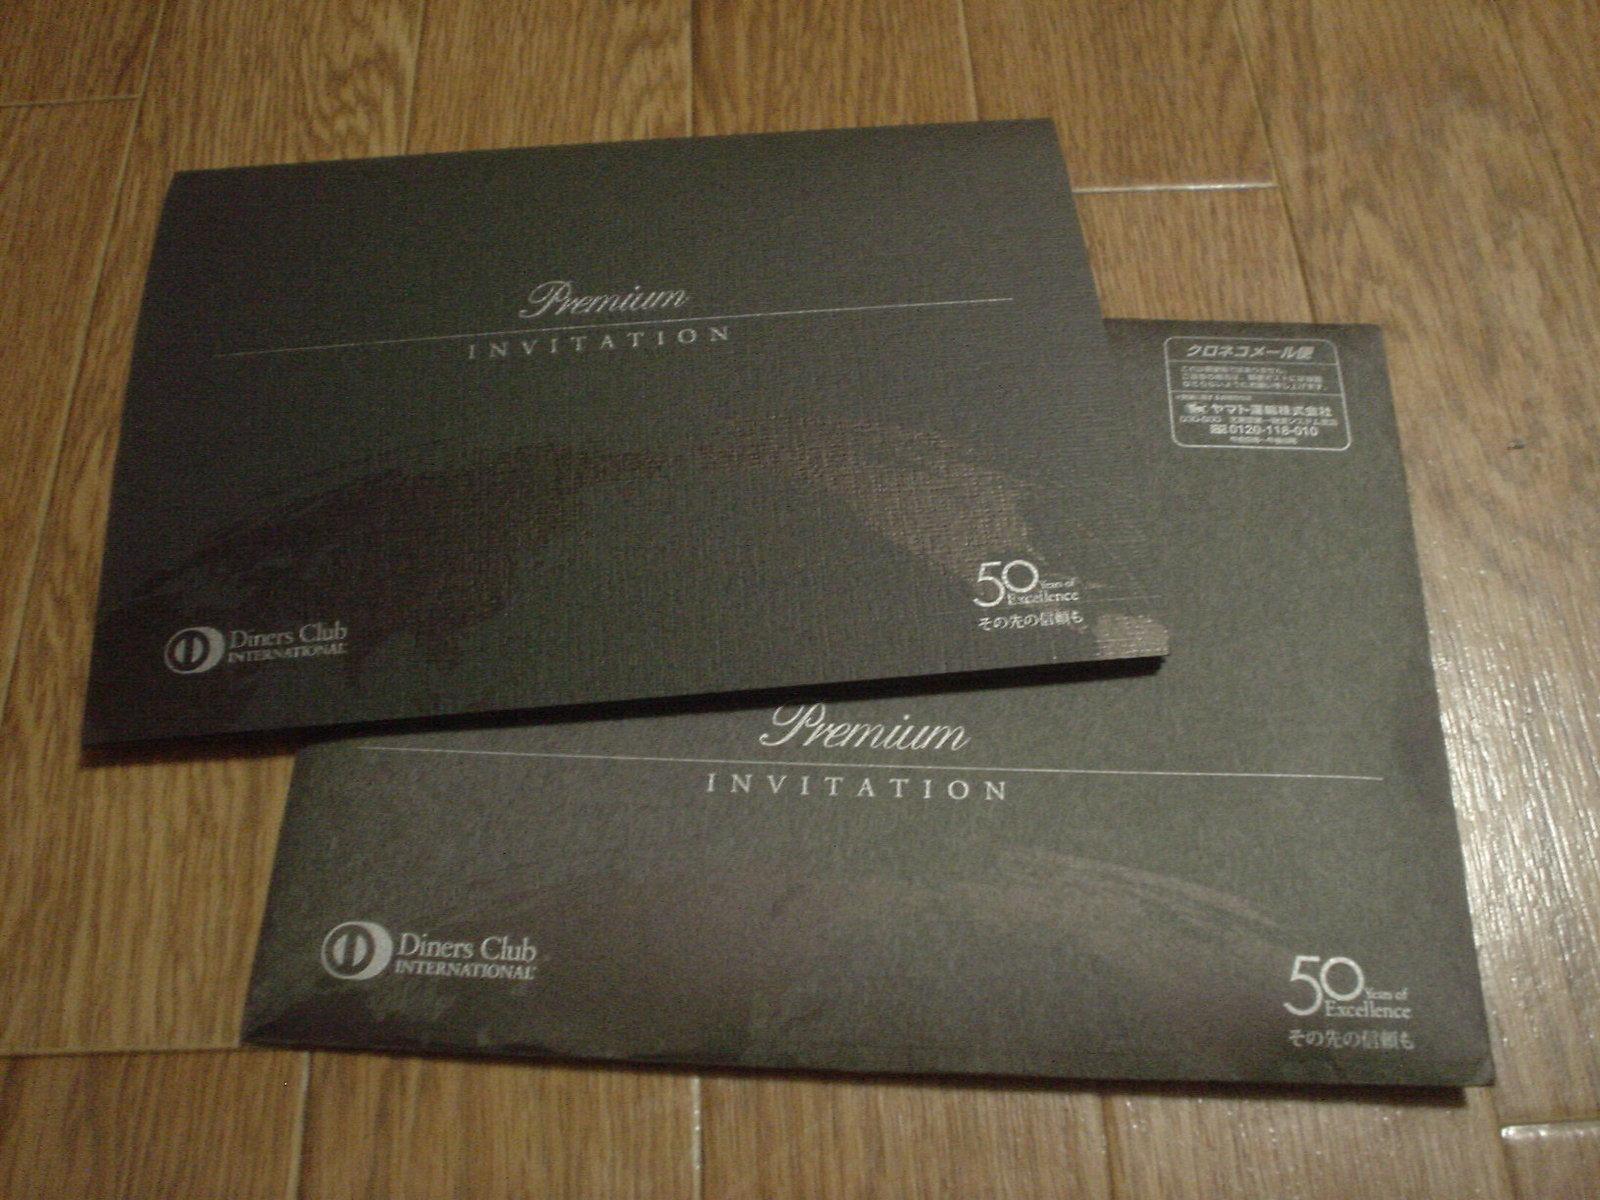 封筒と同じデザインのパンフレットケース